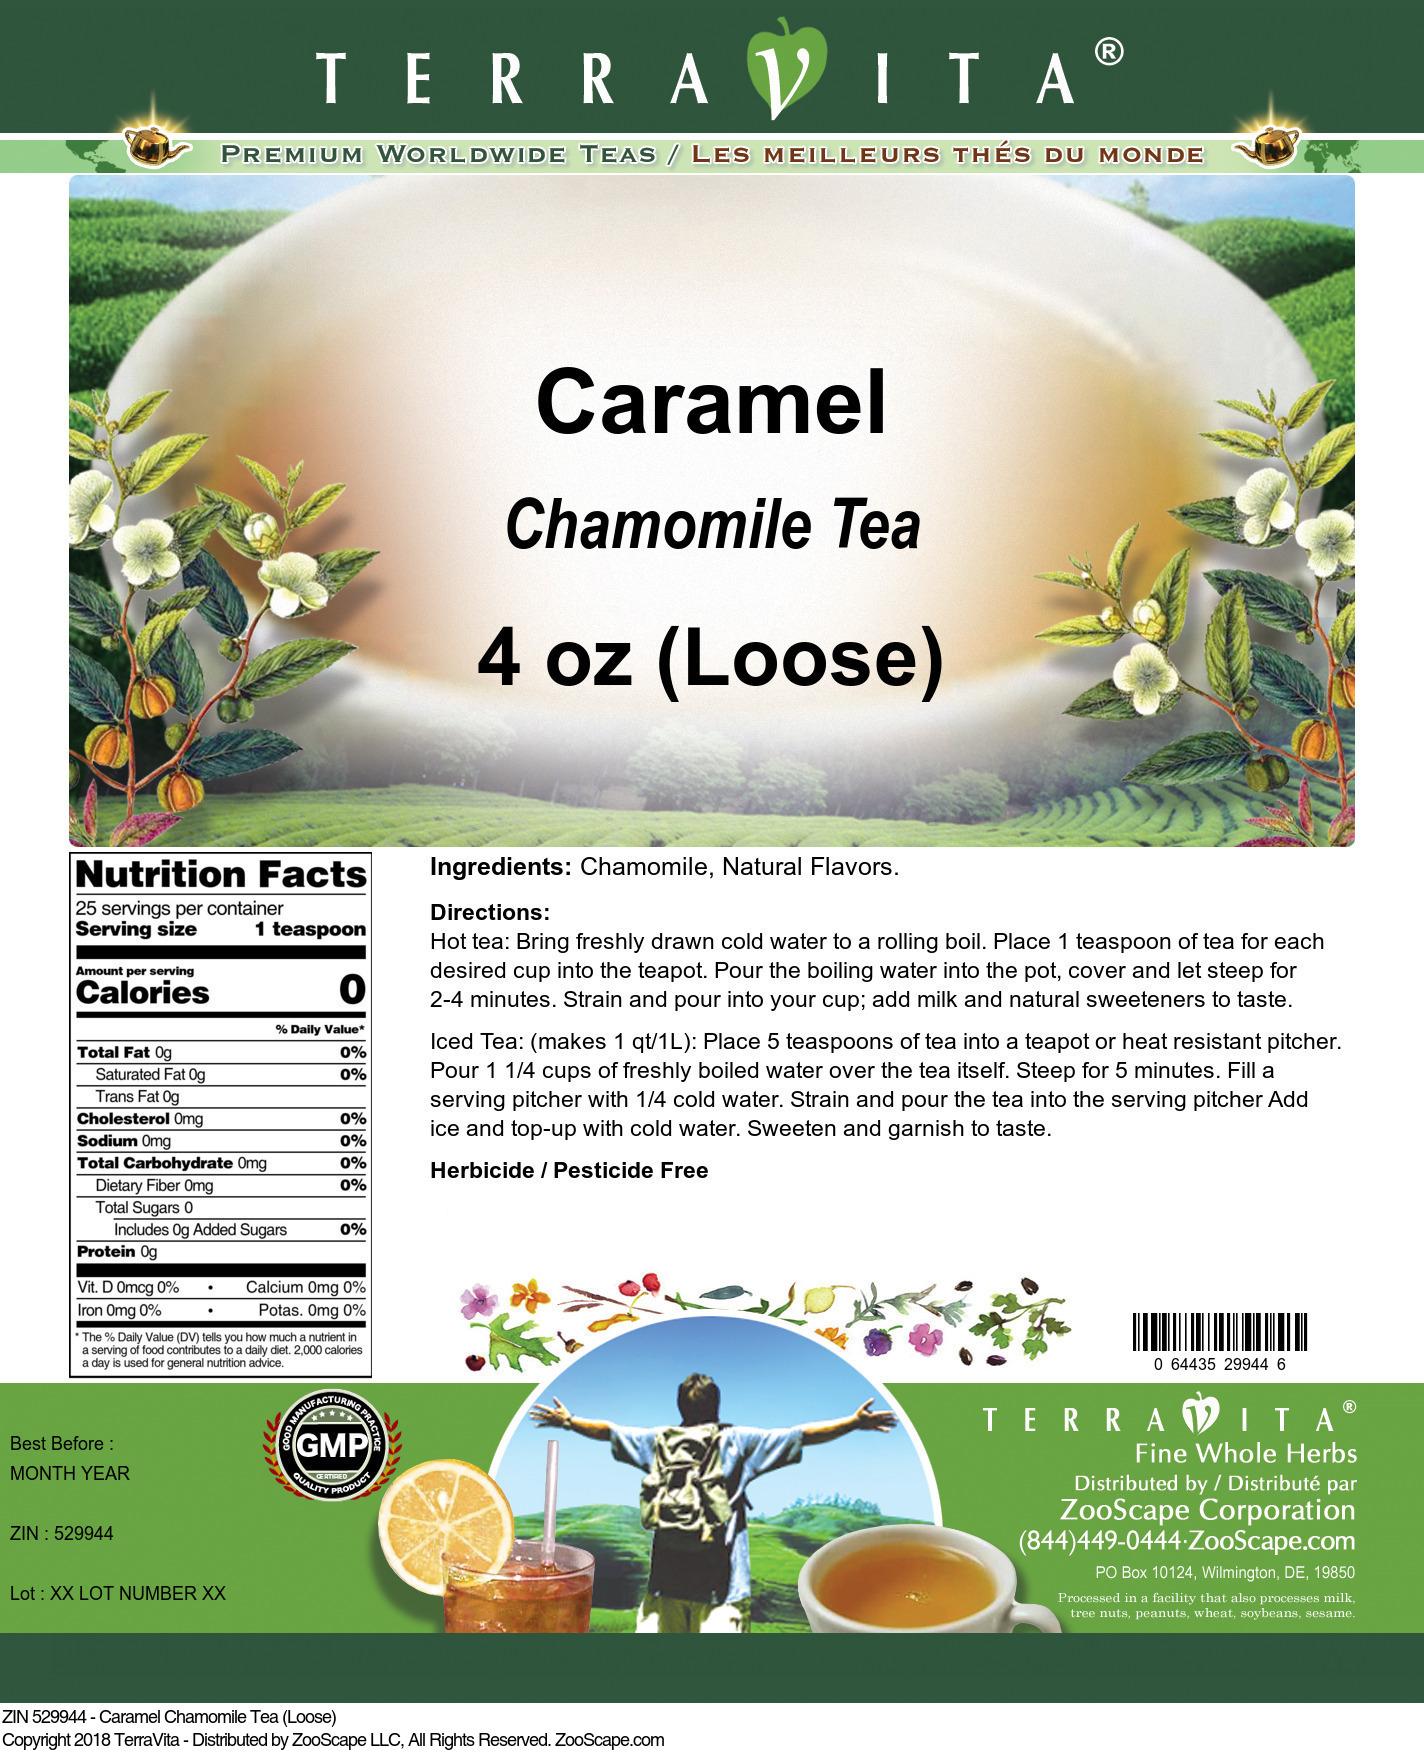 Caramel Chamomile Tea (Loose)